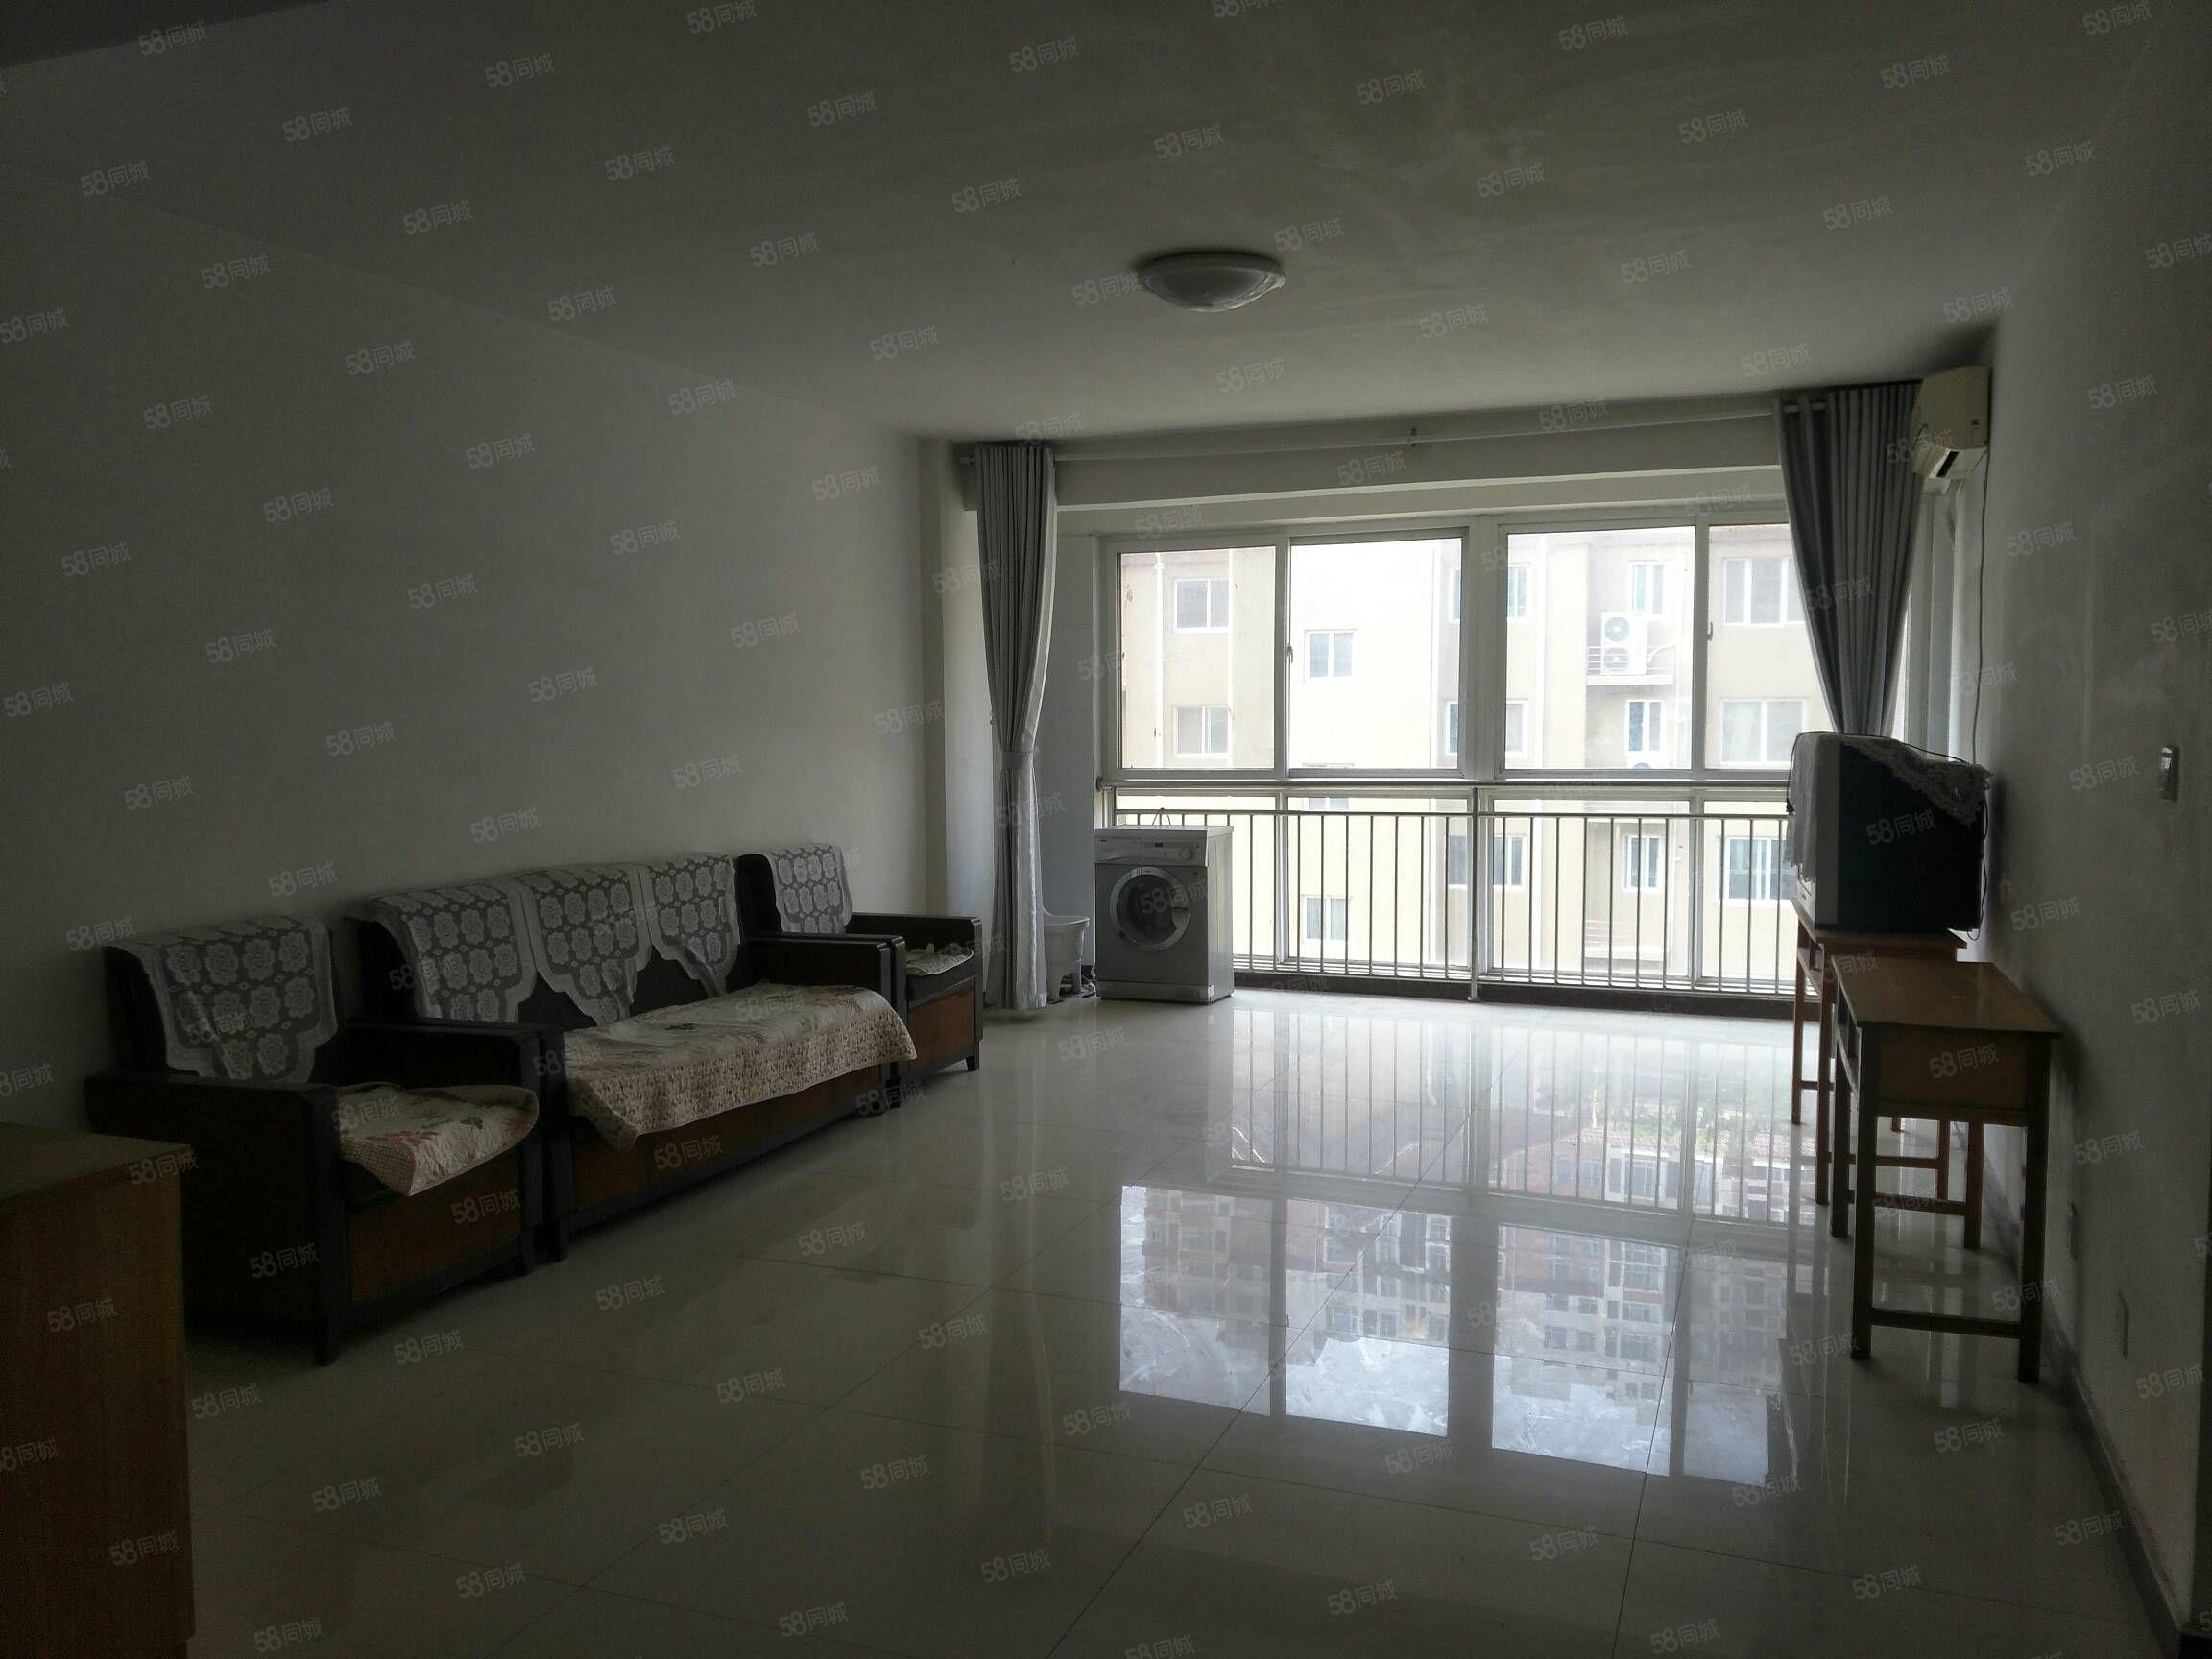 房子带车位储藏室,两个卧室和客厅都朝阳。可以按揭贷款。